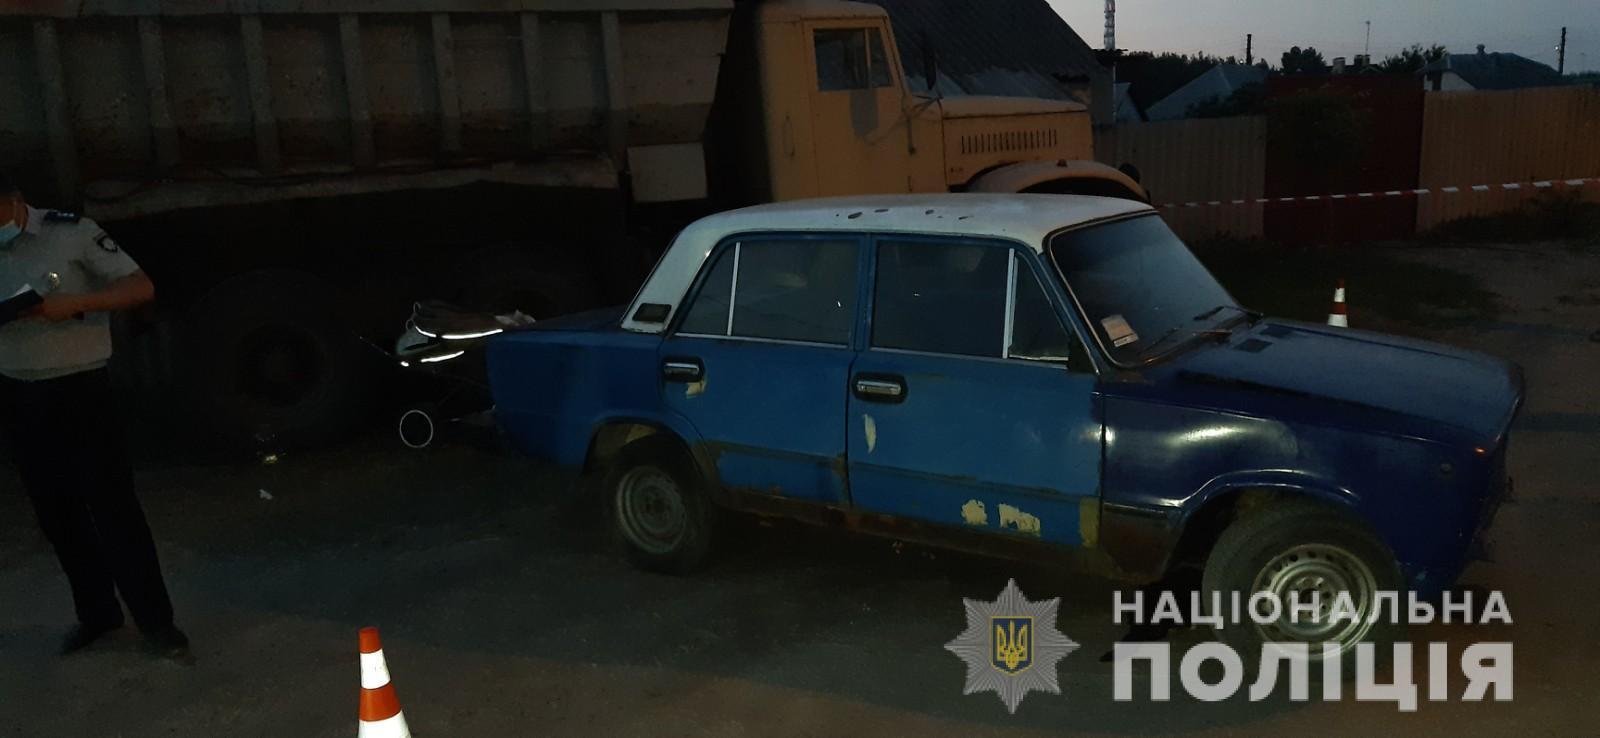 В Харькове в результате ДТП погиб младенец. Фото - сайт Нацполиции в Харьковской области